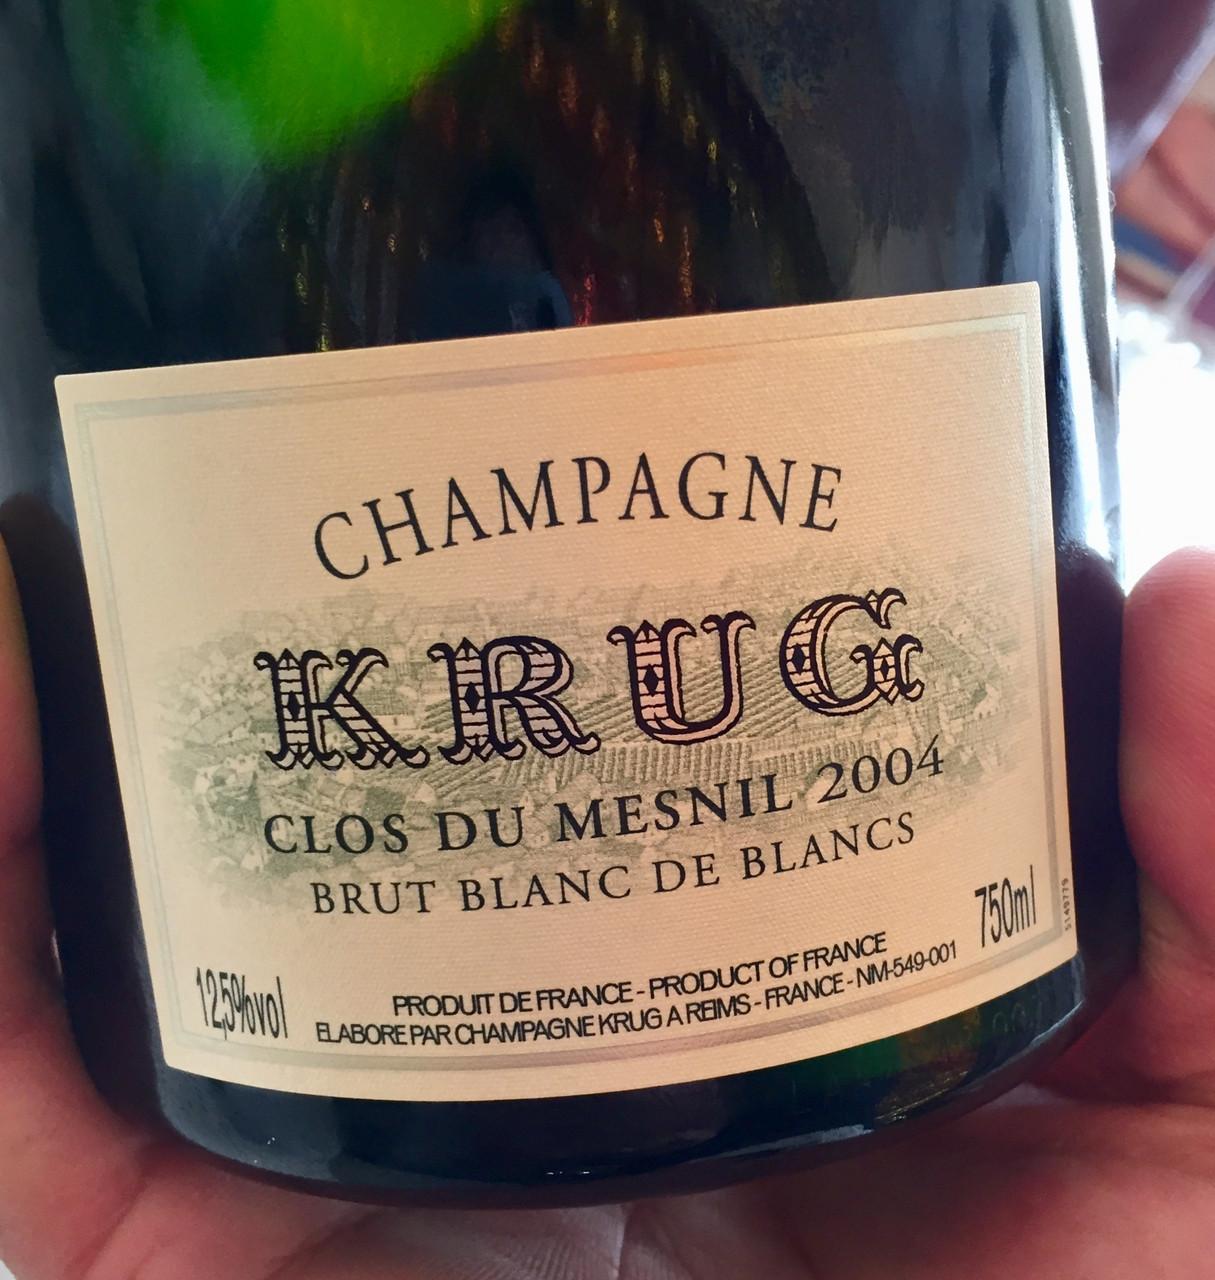 Krug Clos de Mesnil 2004 and Krug vintage 04 Champagnes